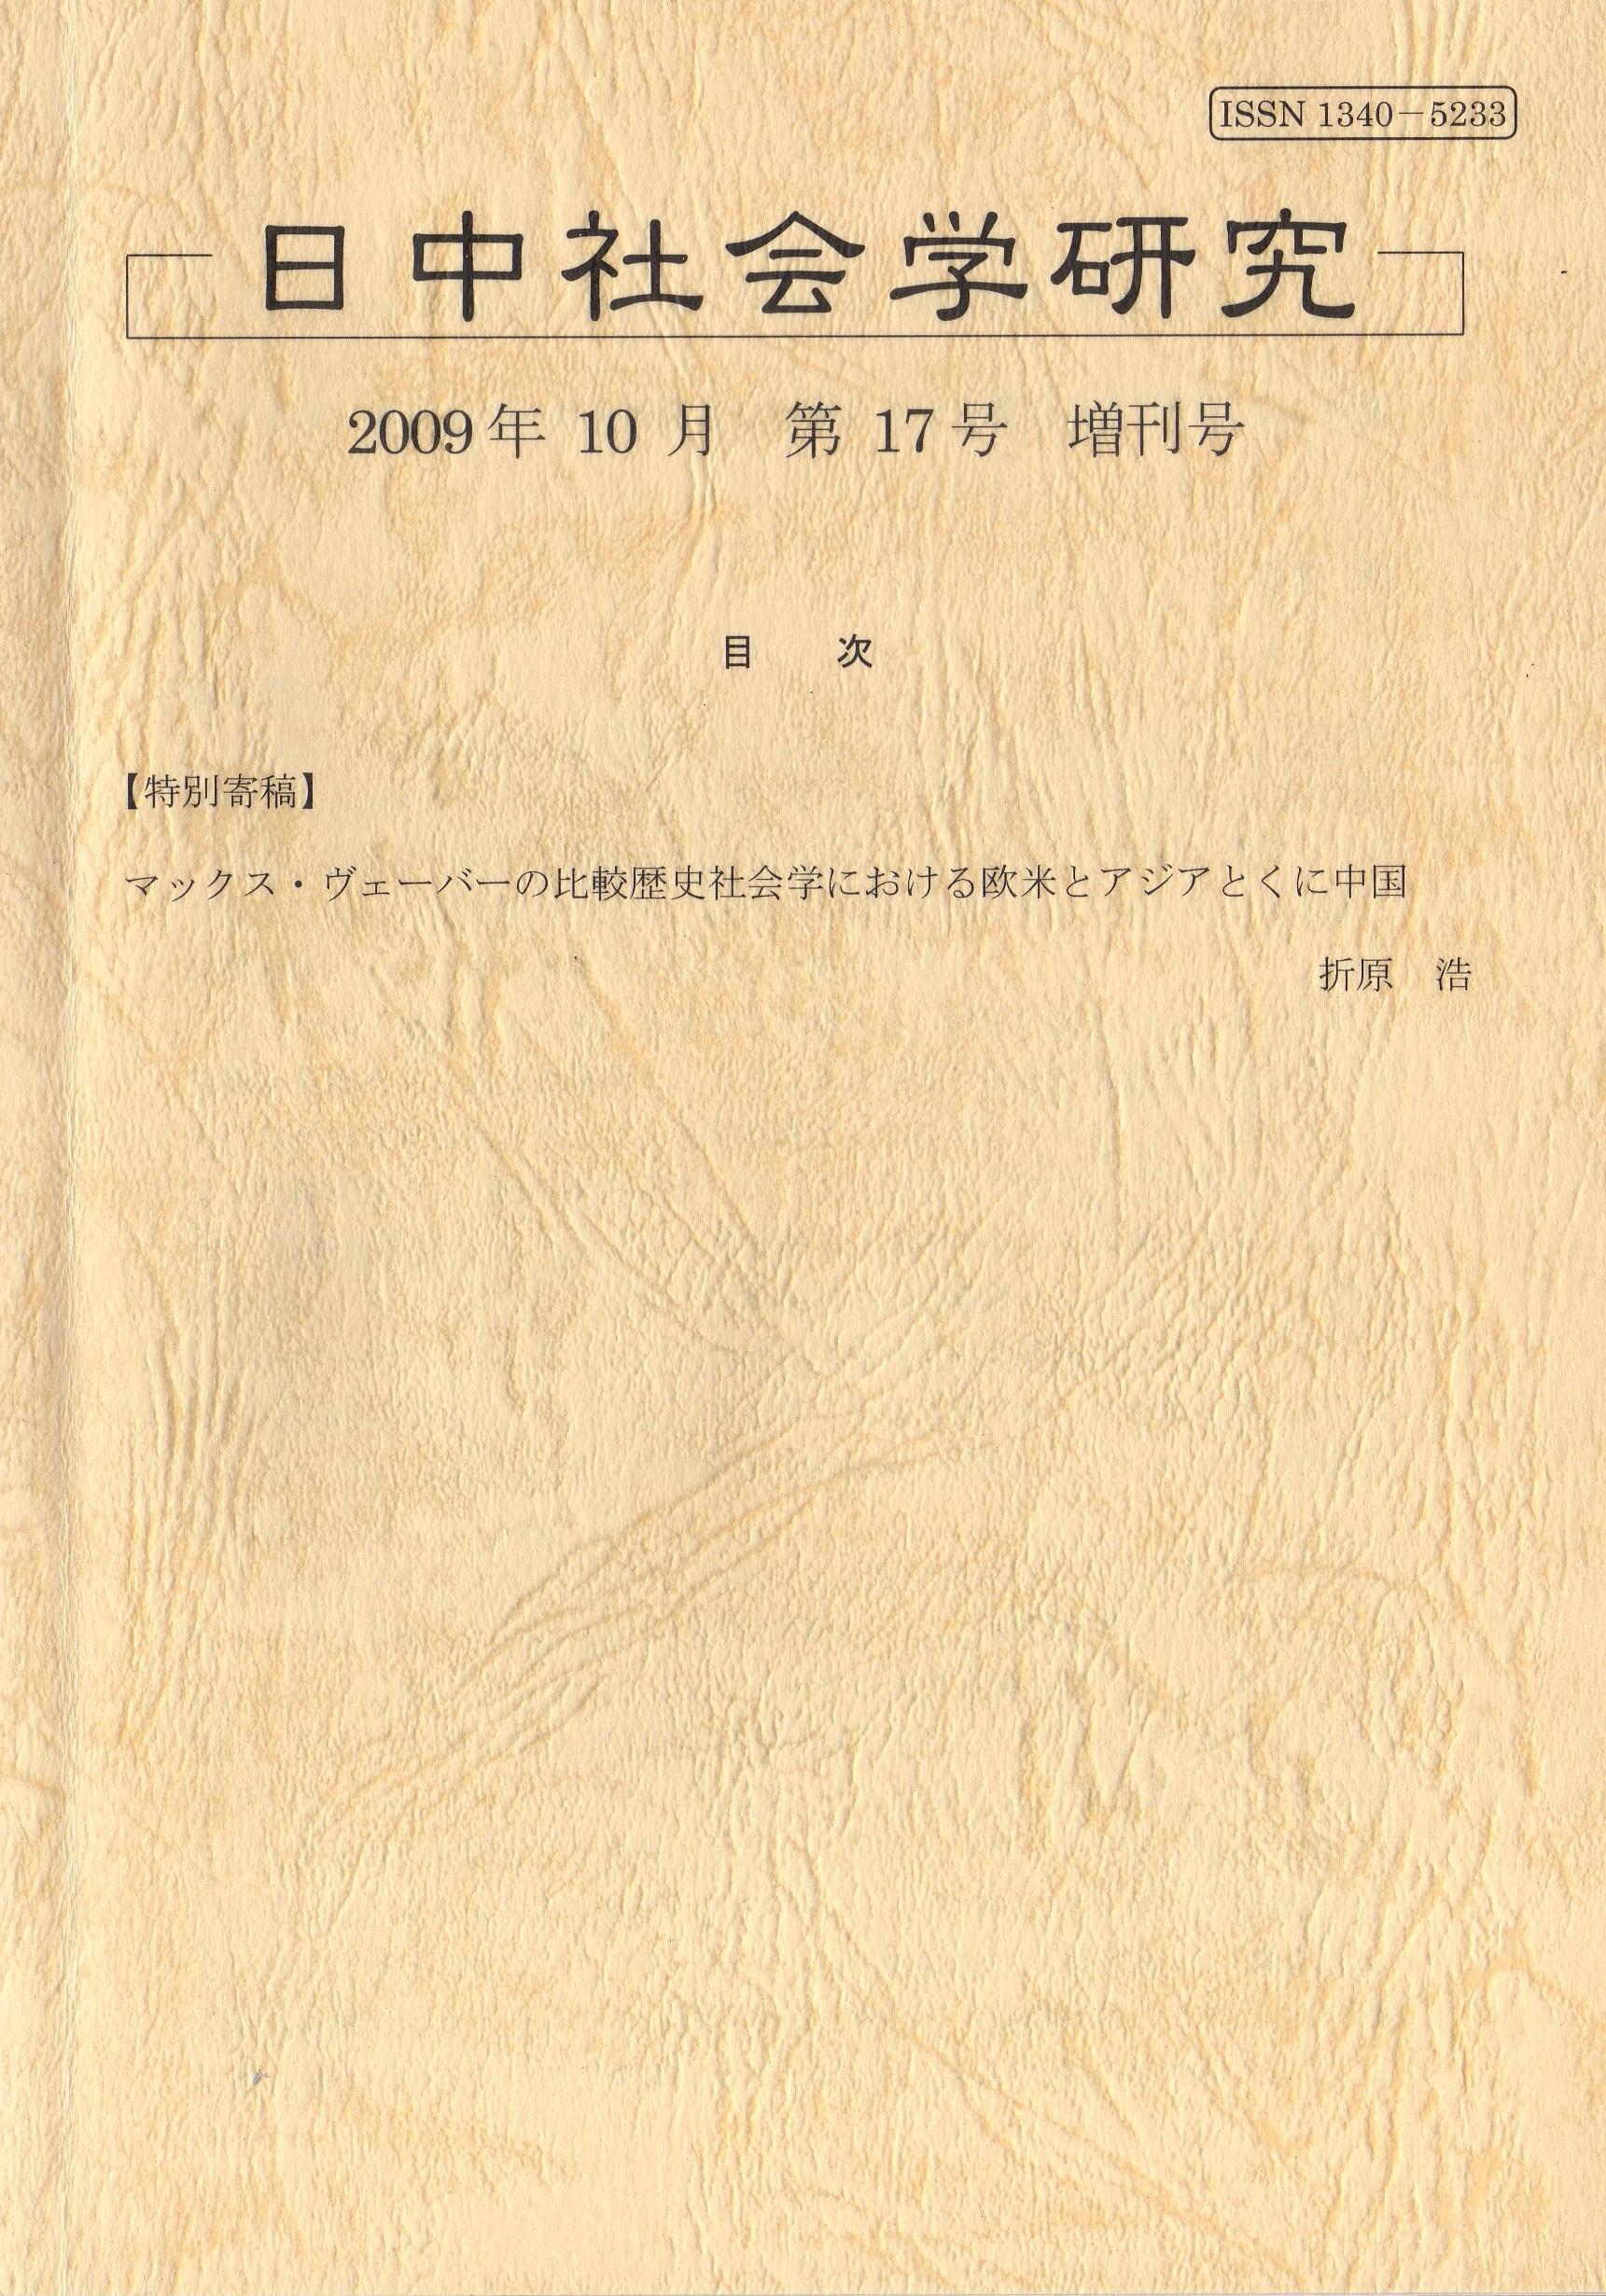 日中社会学研究17号増刊号